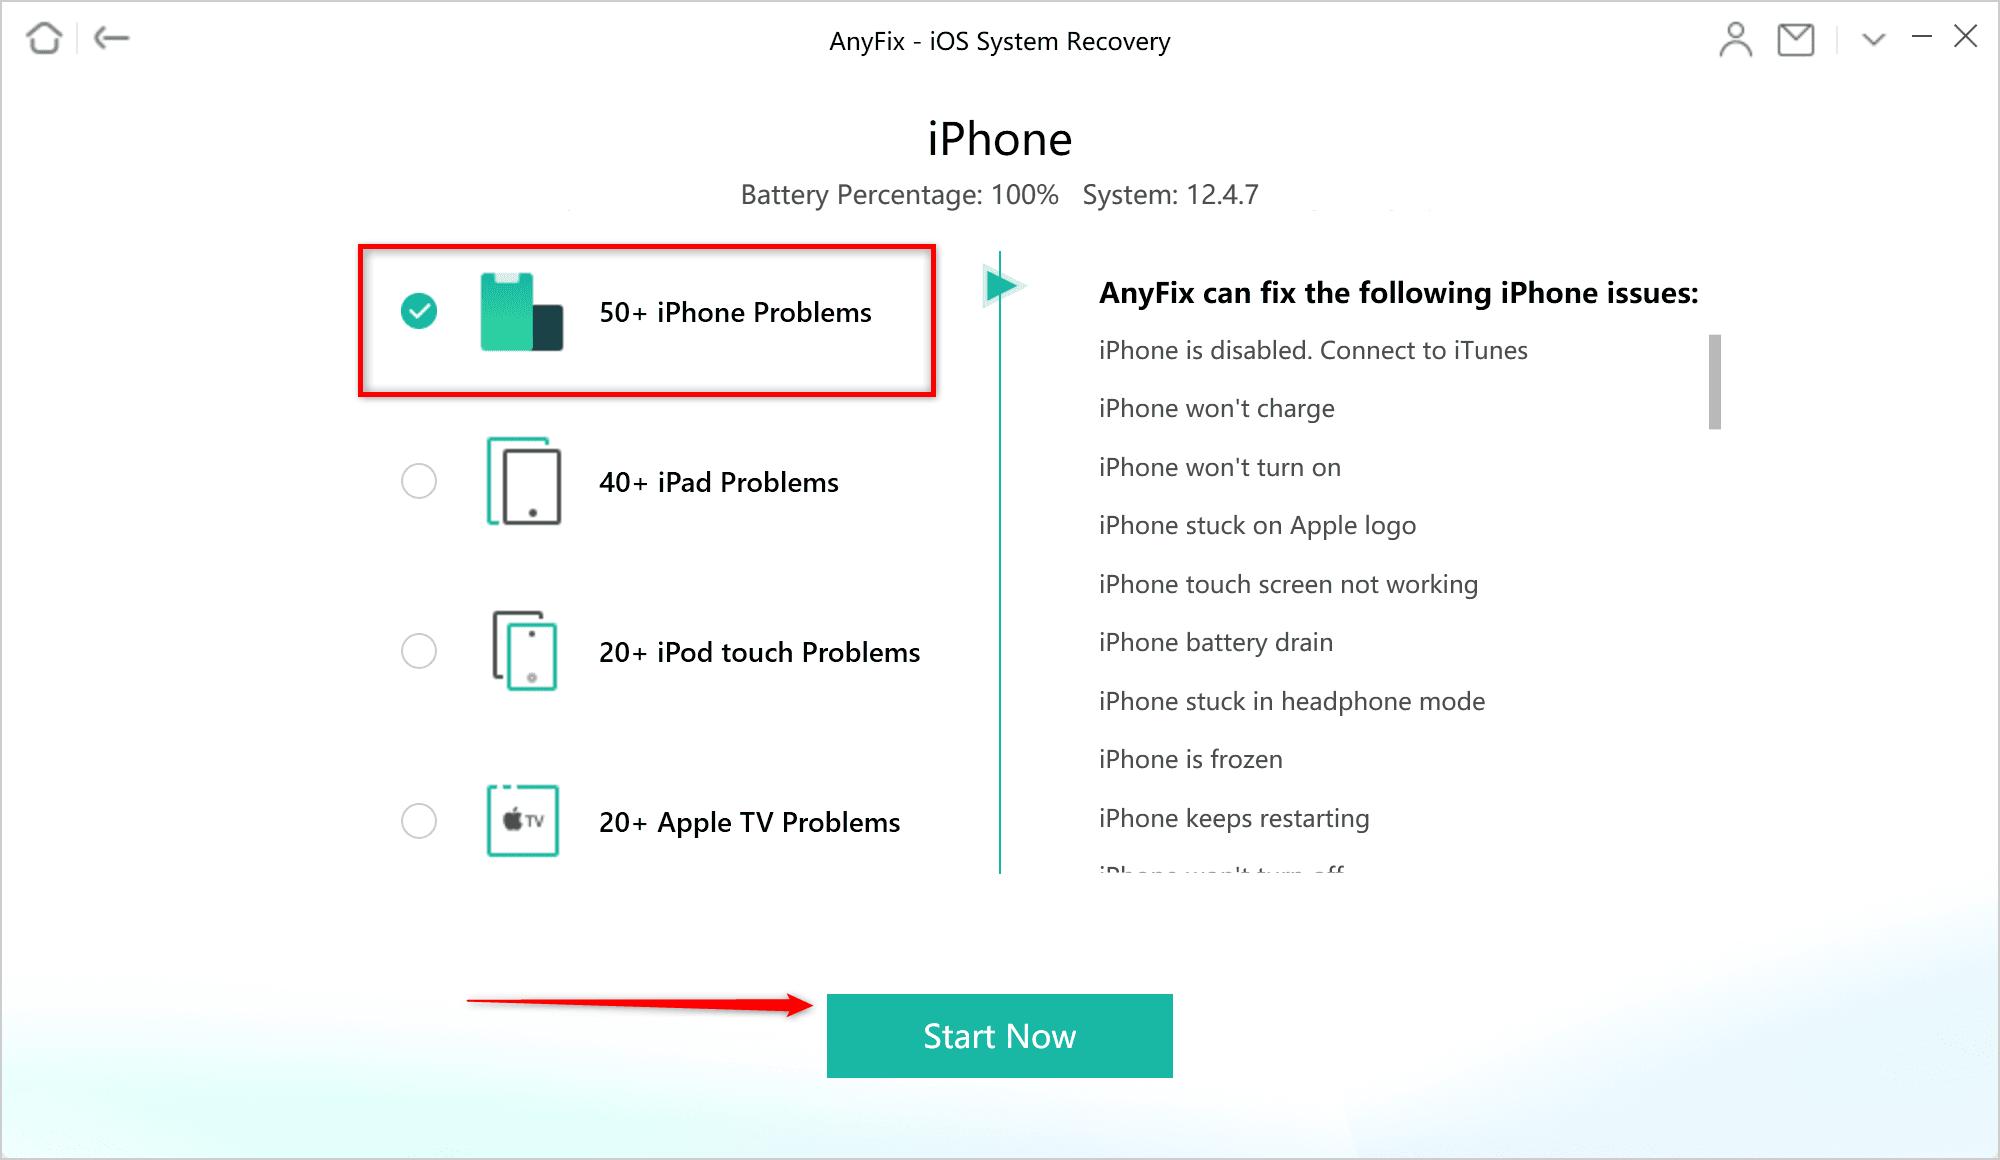 Sélectionnez plus de 50 problèmes iPhone et cliquez sur Démarrer maintenant